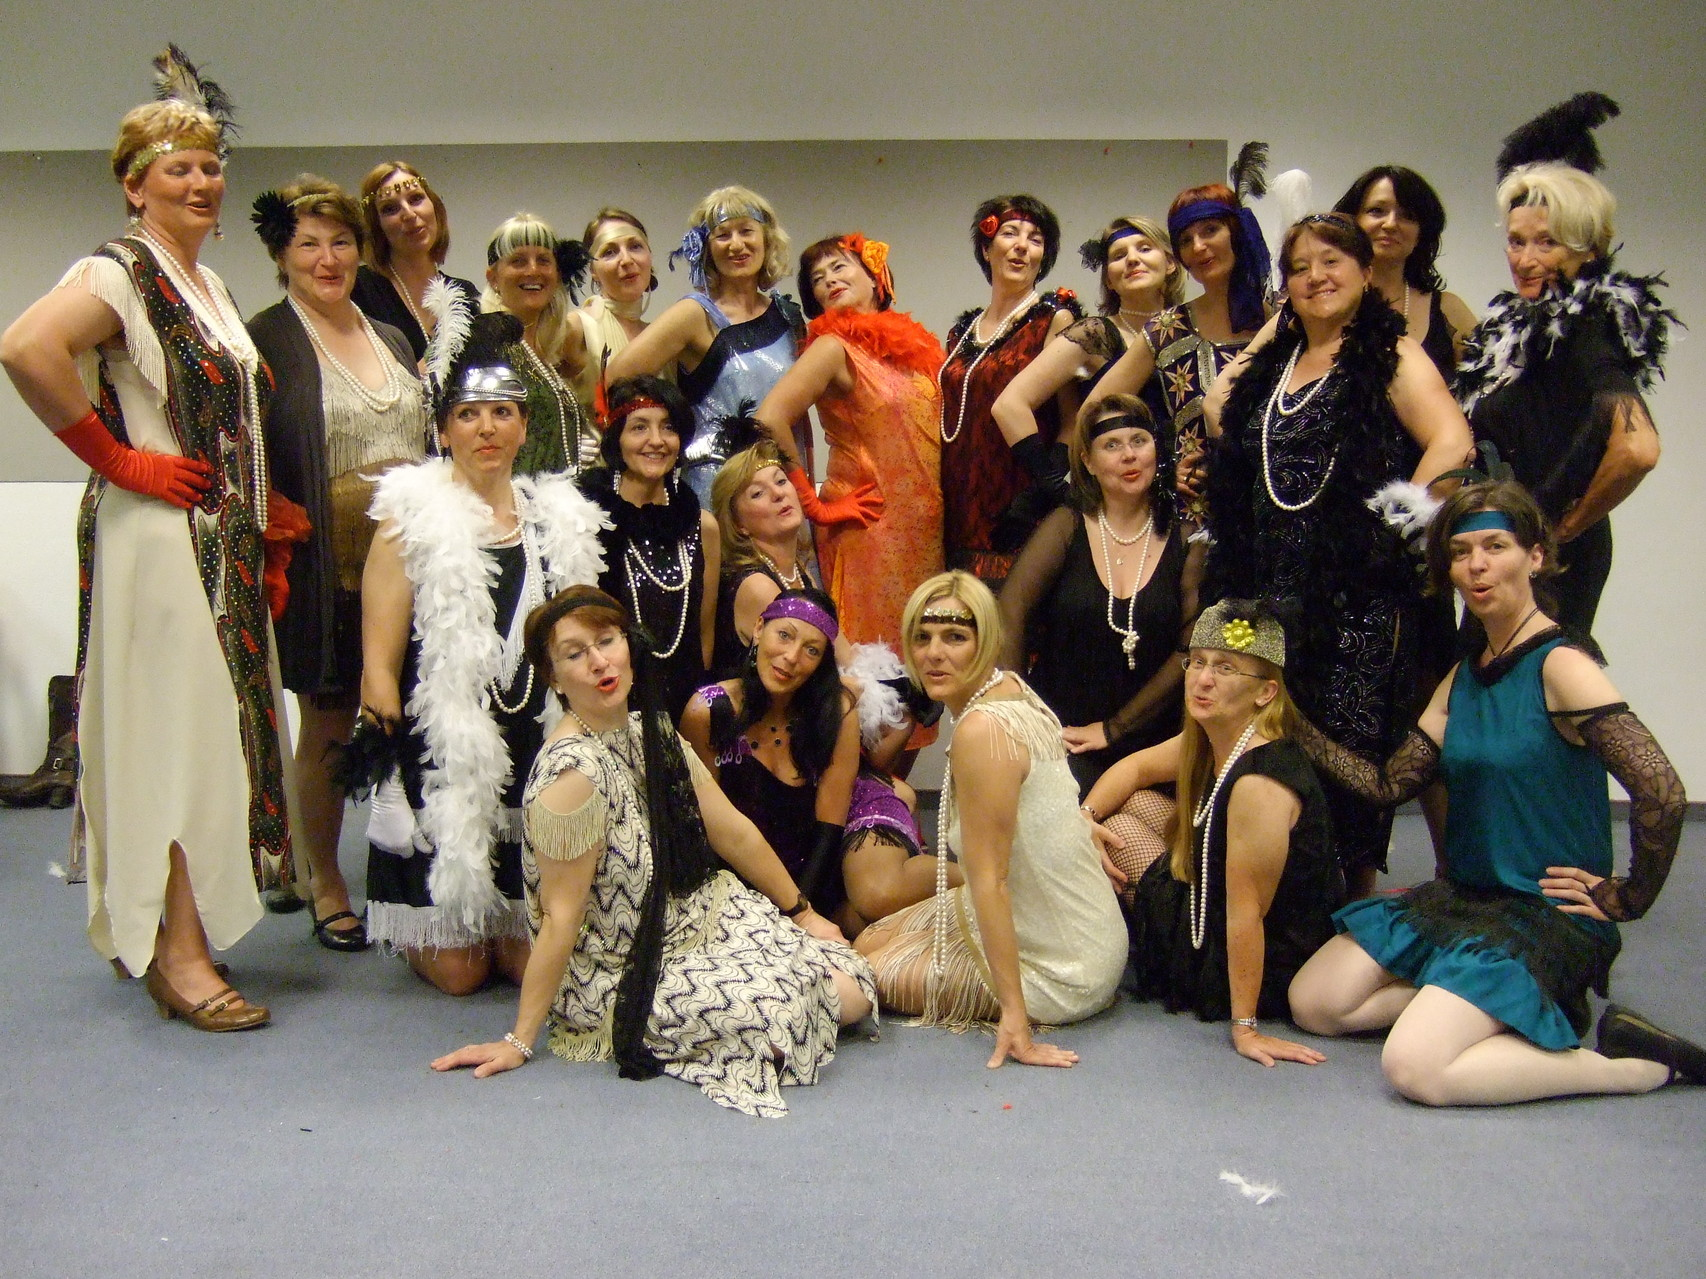 2009 - 20er Jahre Revue